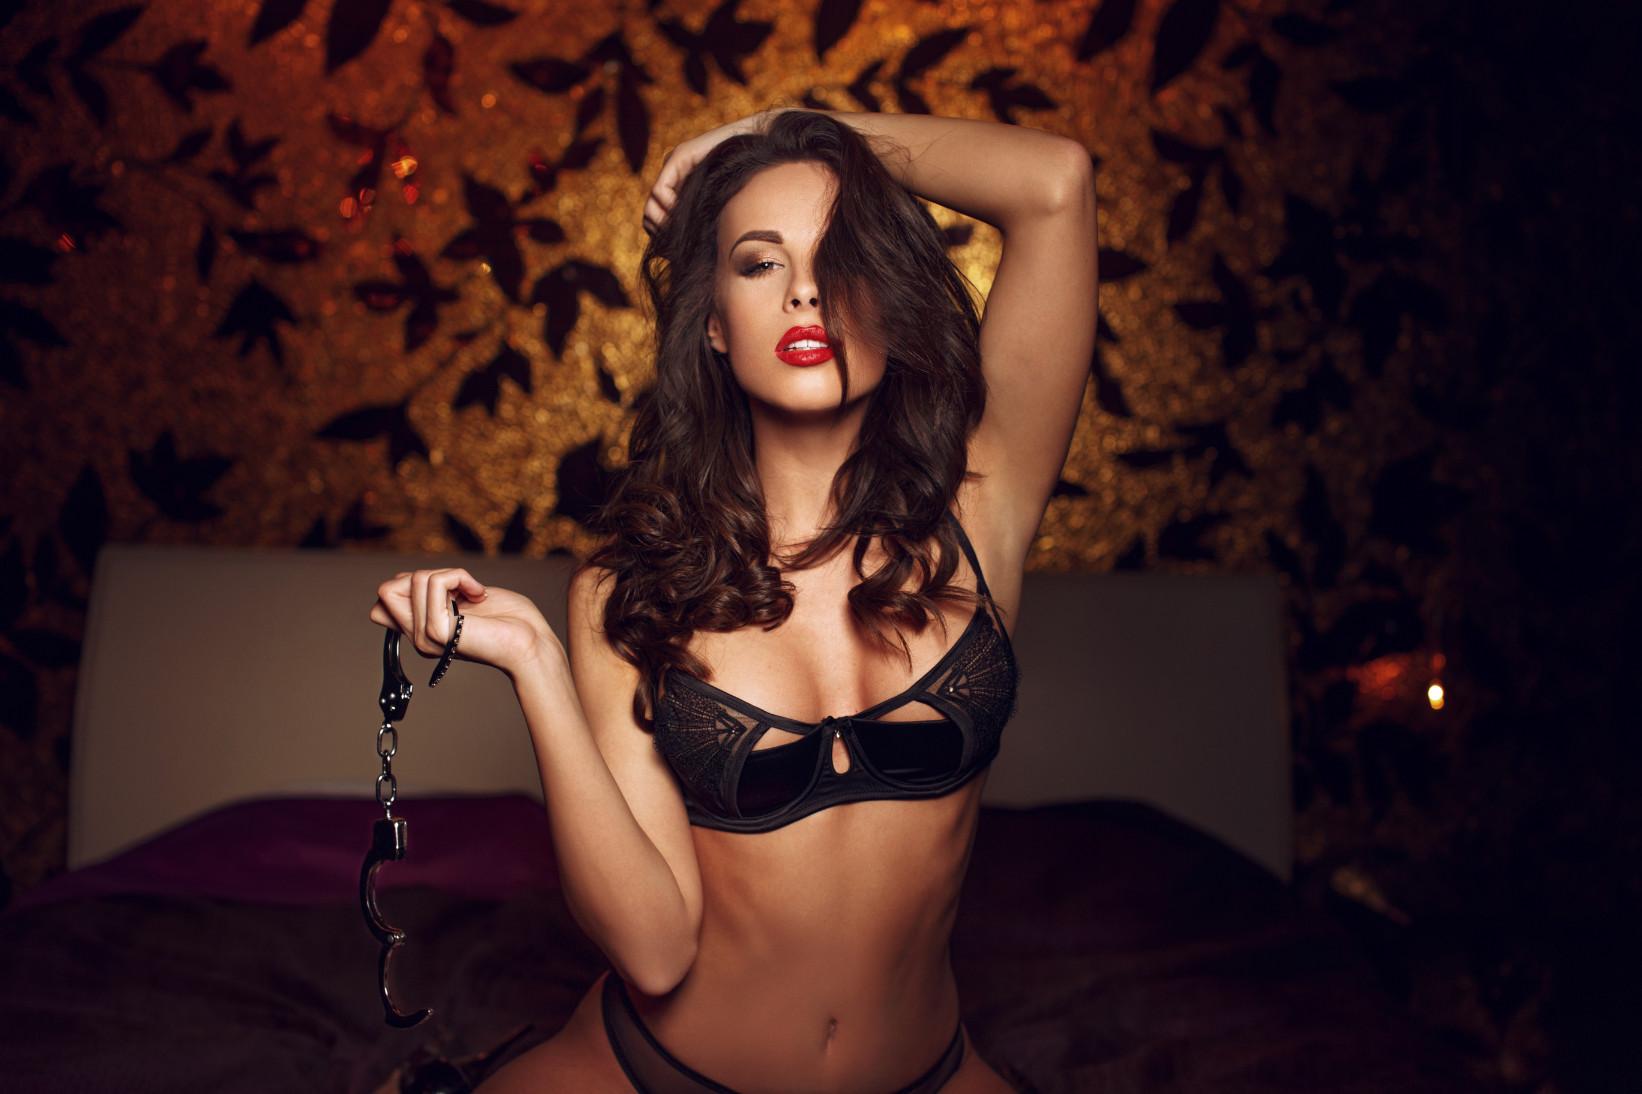 naked pebbelz da model